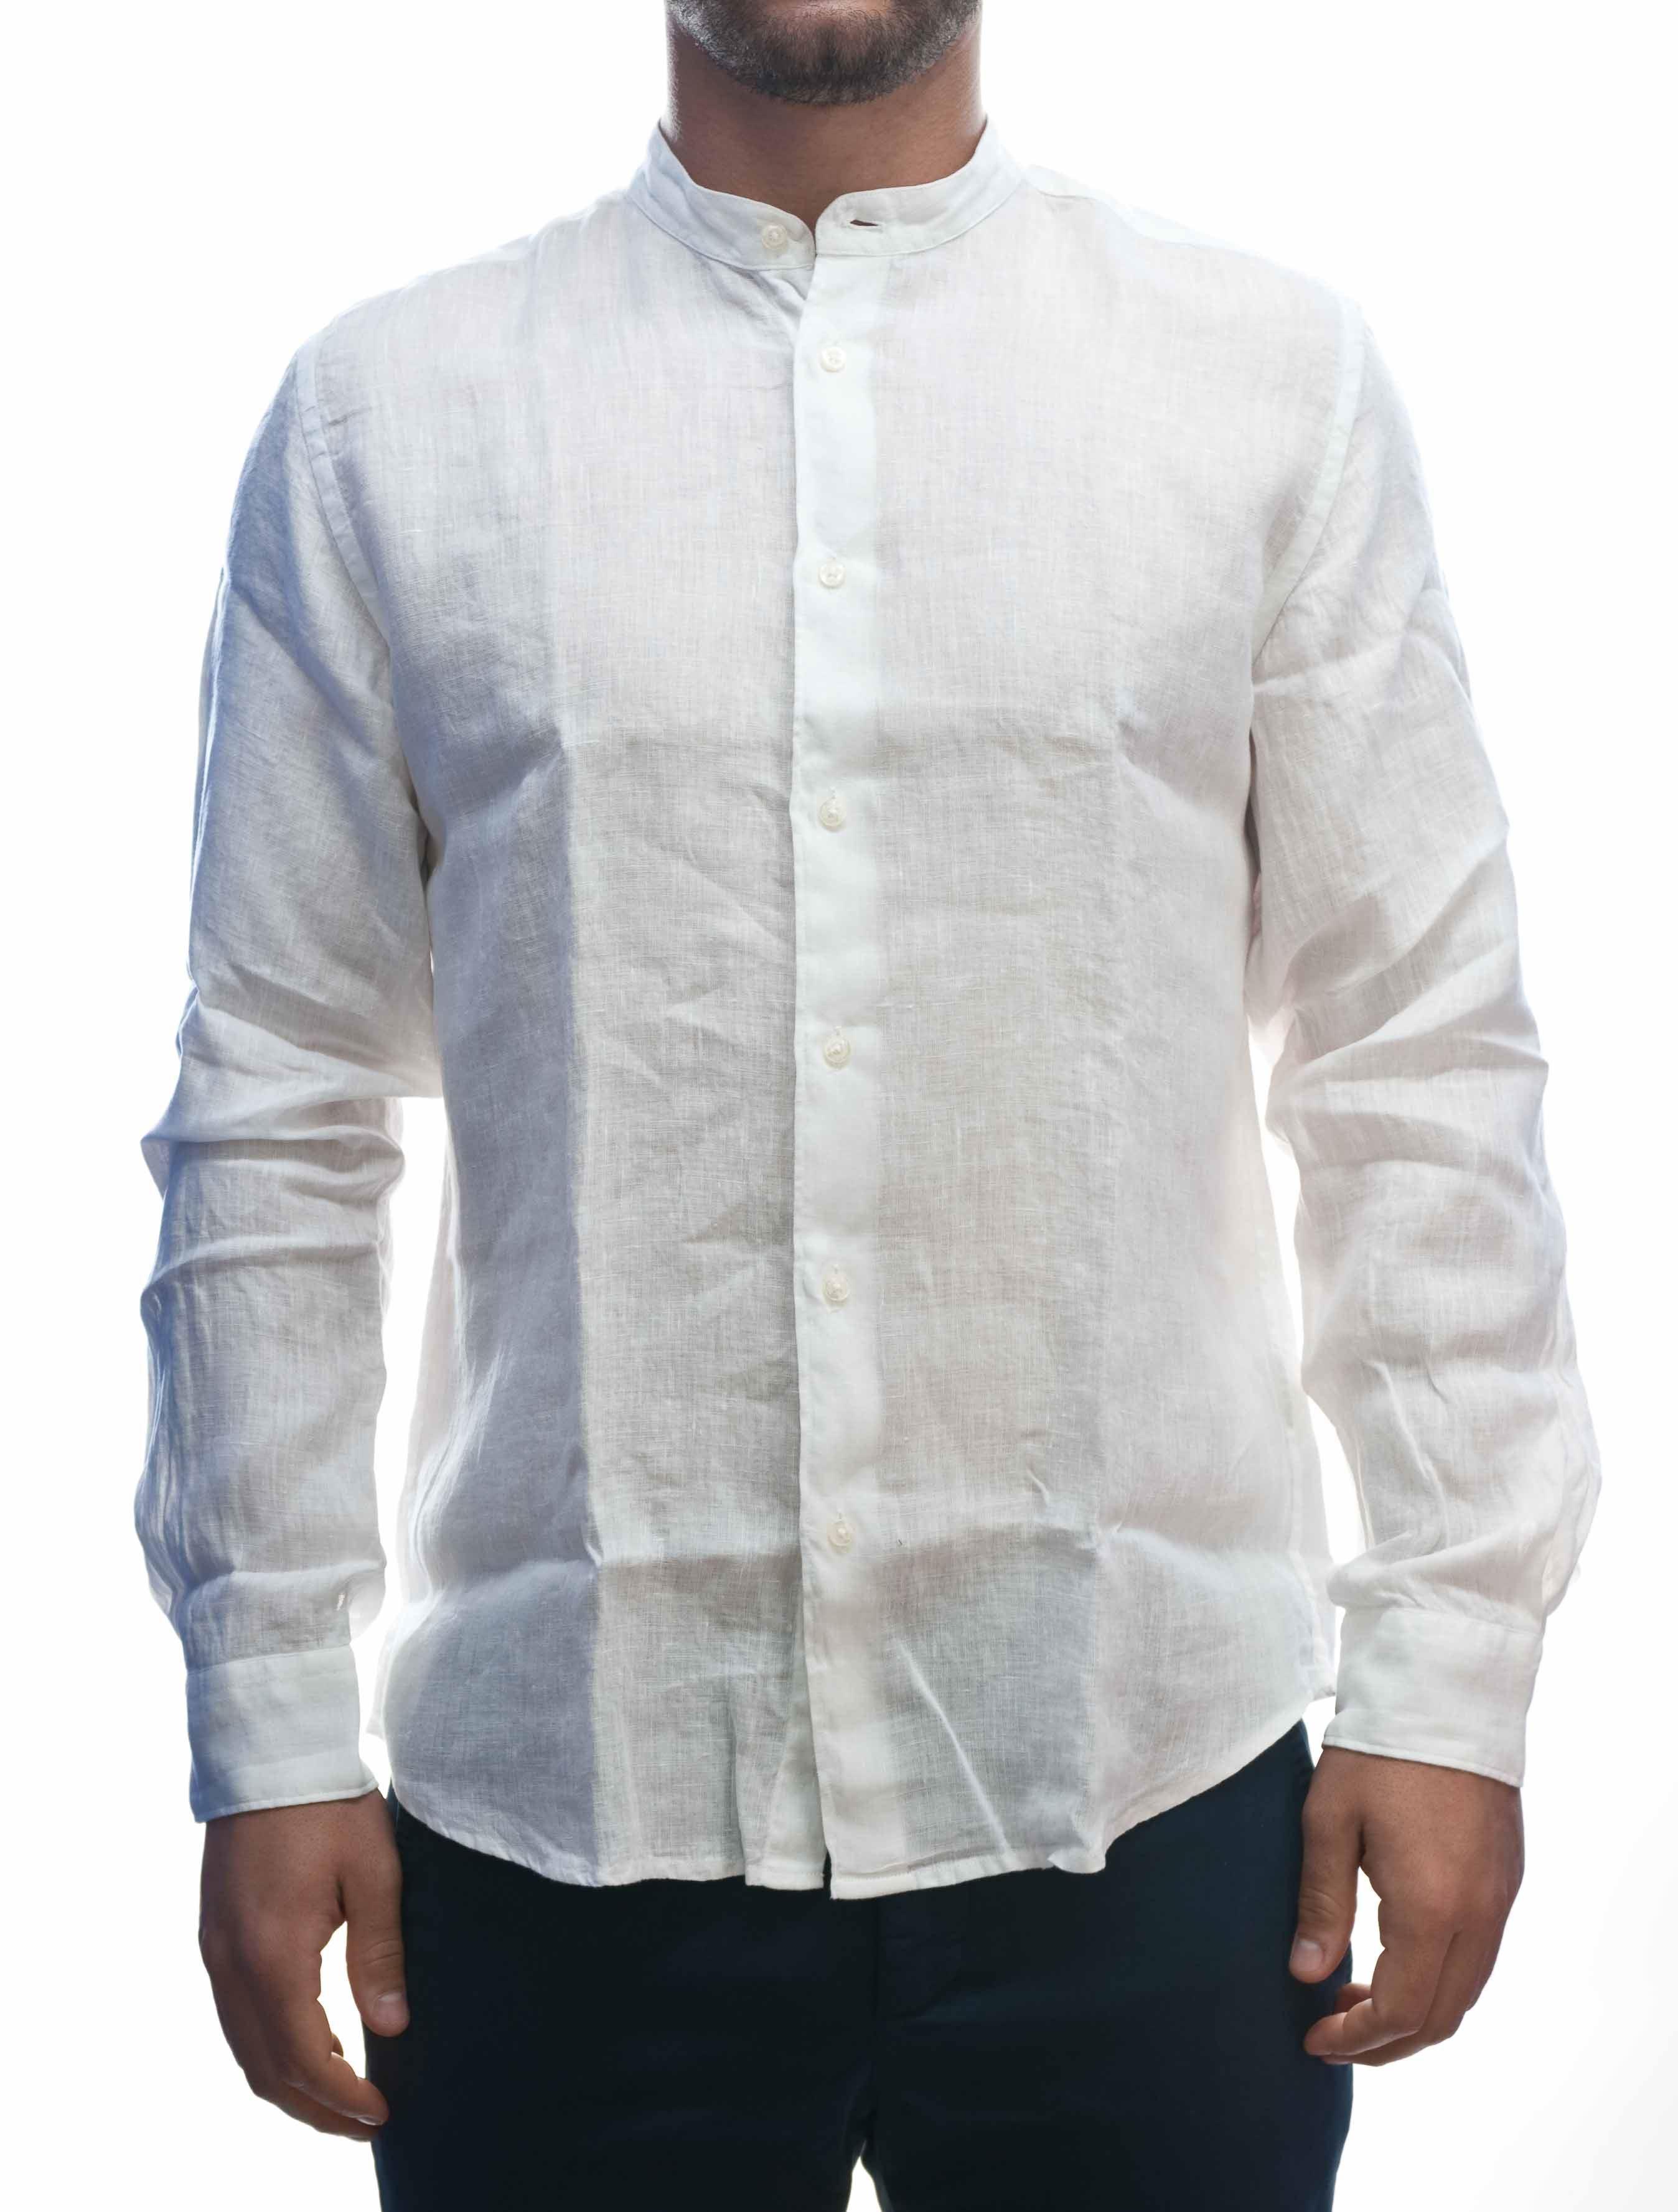 Immagine di Camicia manica lunga Lino Bianco